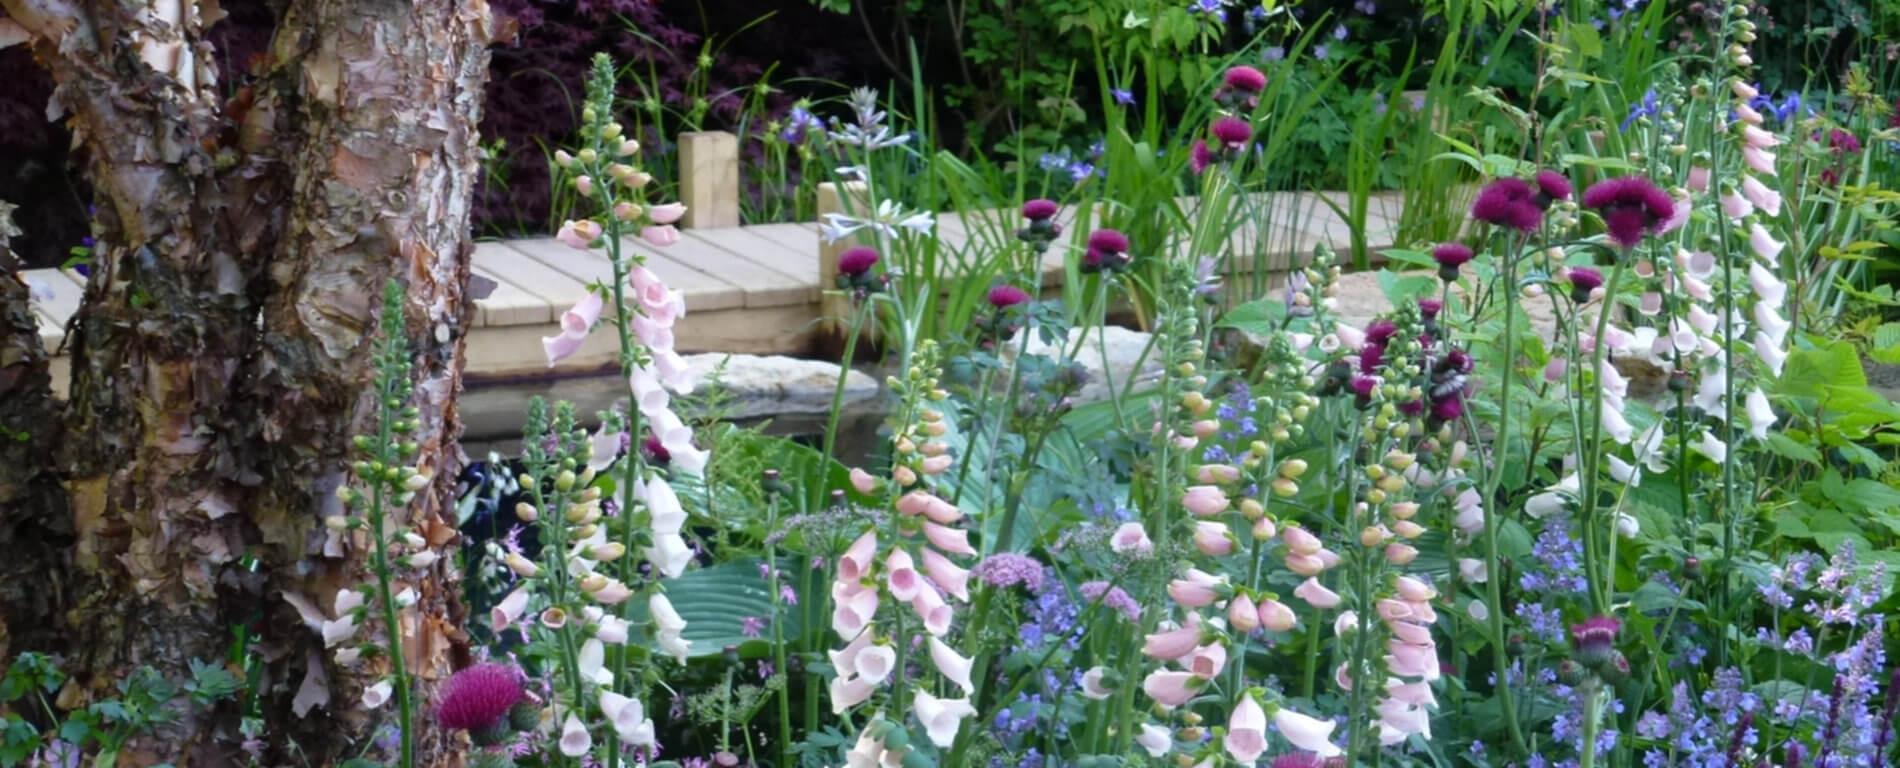 Ästhetischer Naturgarten